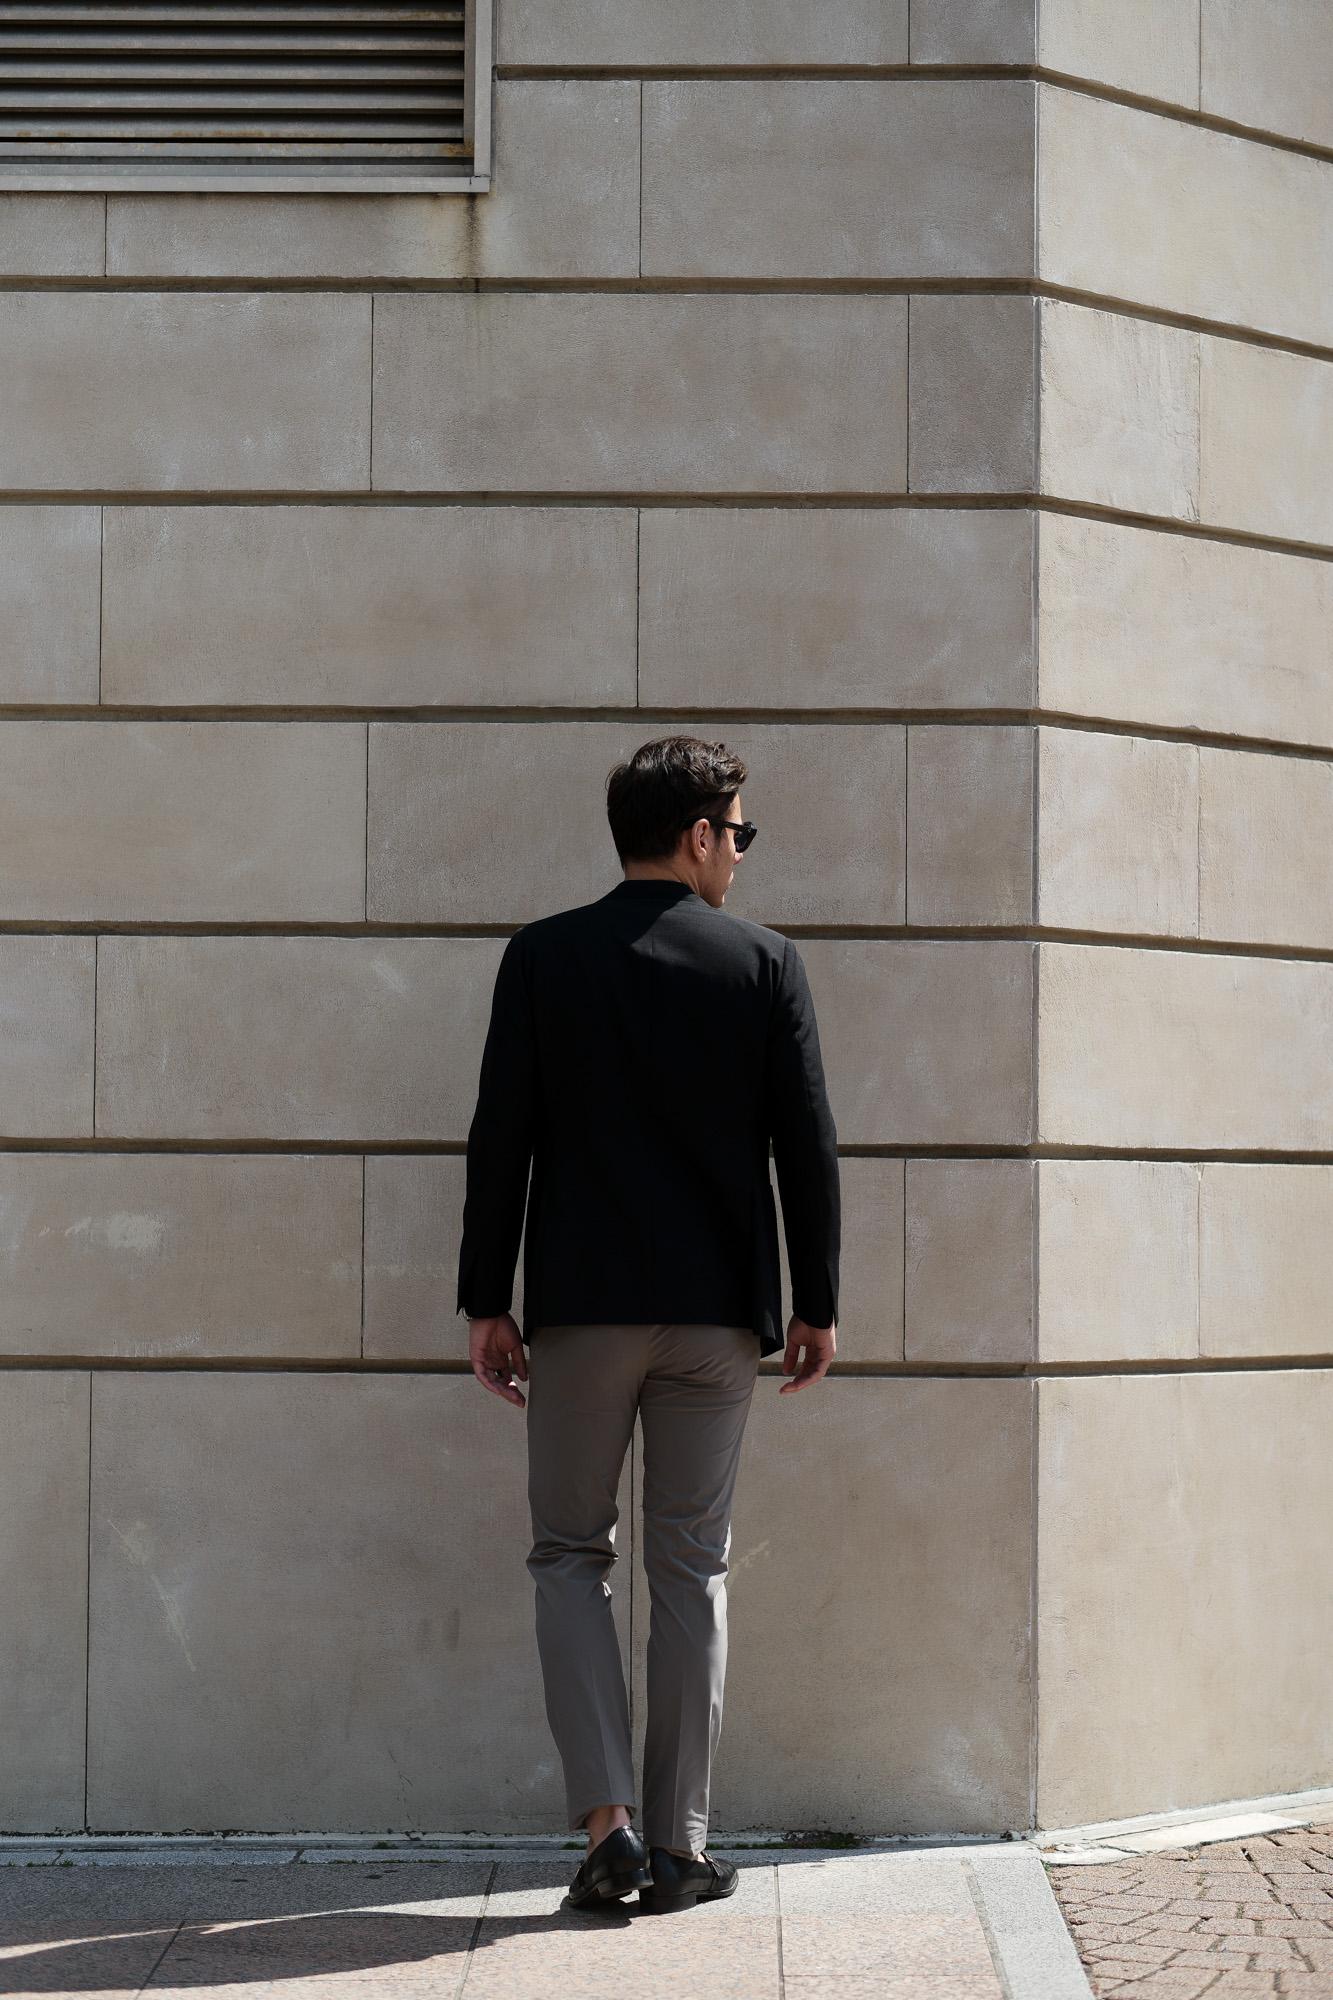 cuervo bopoha (クエルボ ヴァローナ) Sartoria Collection (サルトリア コレクション) Brad (ブラッド) WASHABLE 2WAY SUPER COMFORT NYLON ウォッシャブル ストレッチ ナイロン スラックス GREY (グレー) MADE IN JAPAN (日本製) 2020 春夏新作 愛知 名古屋 altoediritto アルトエデリット